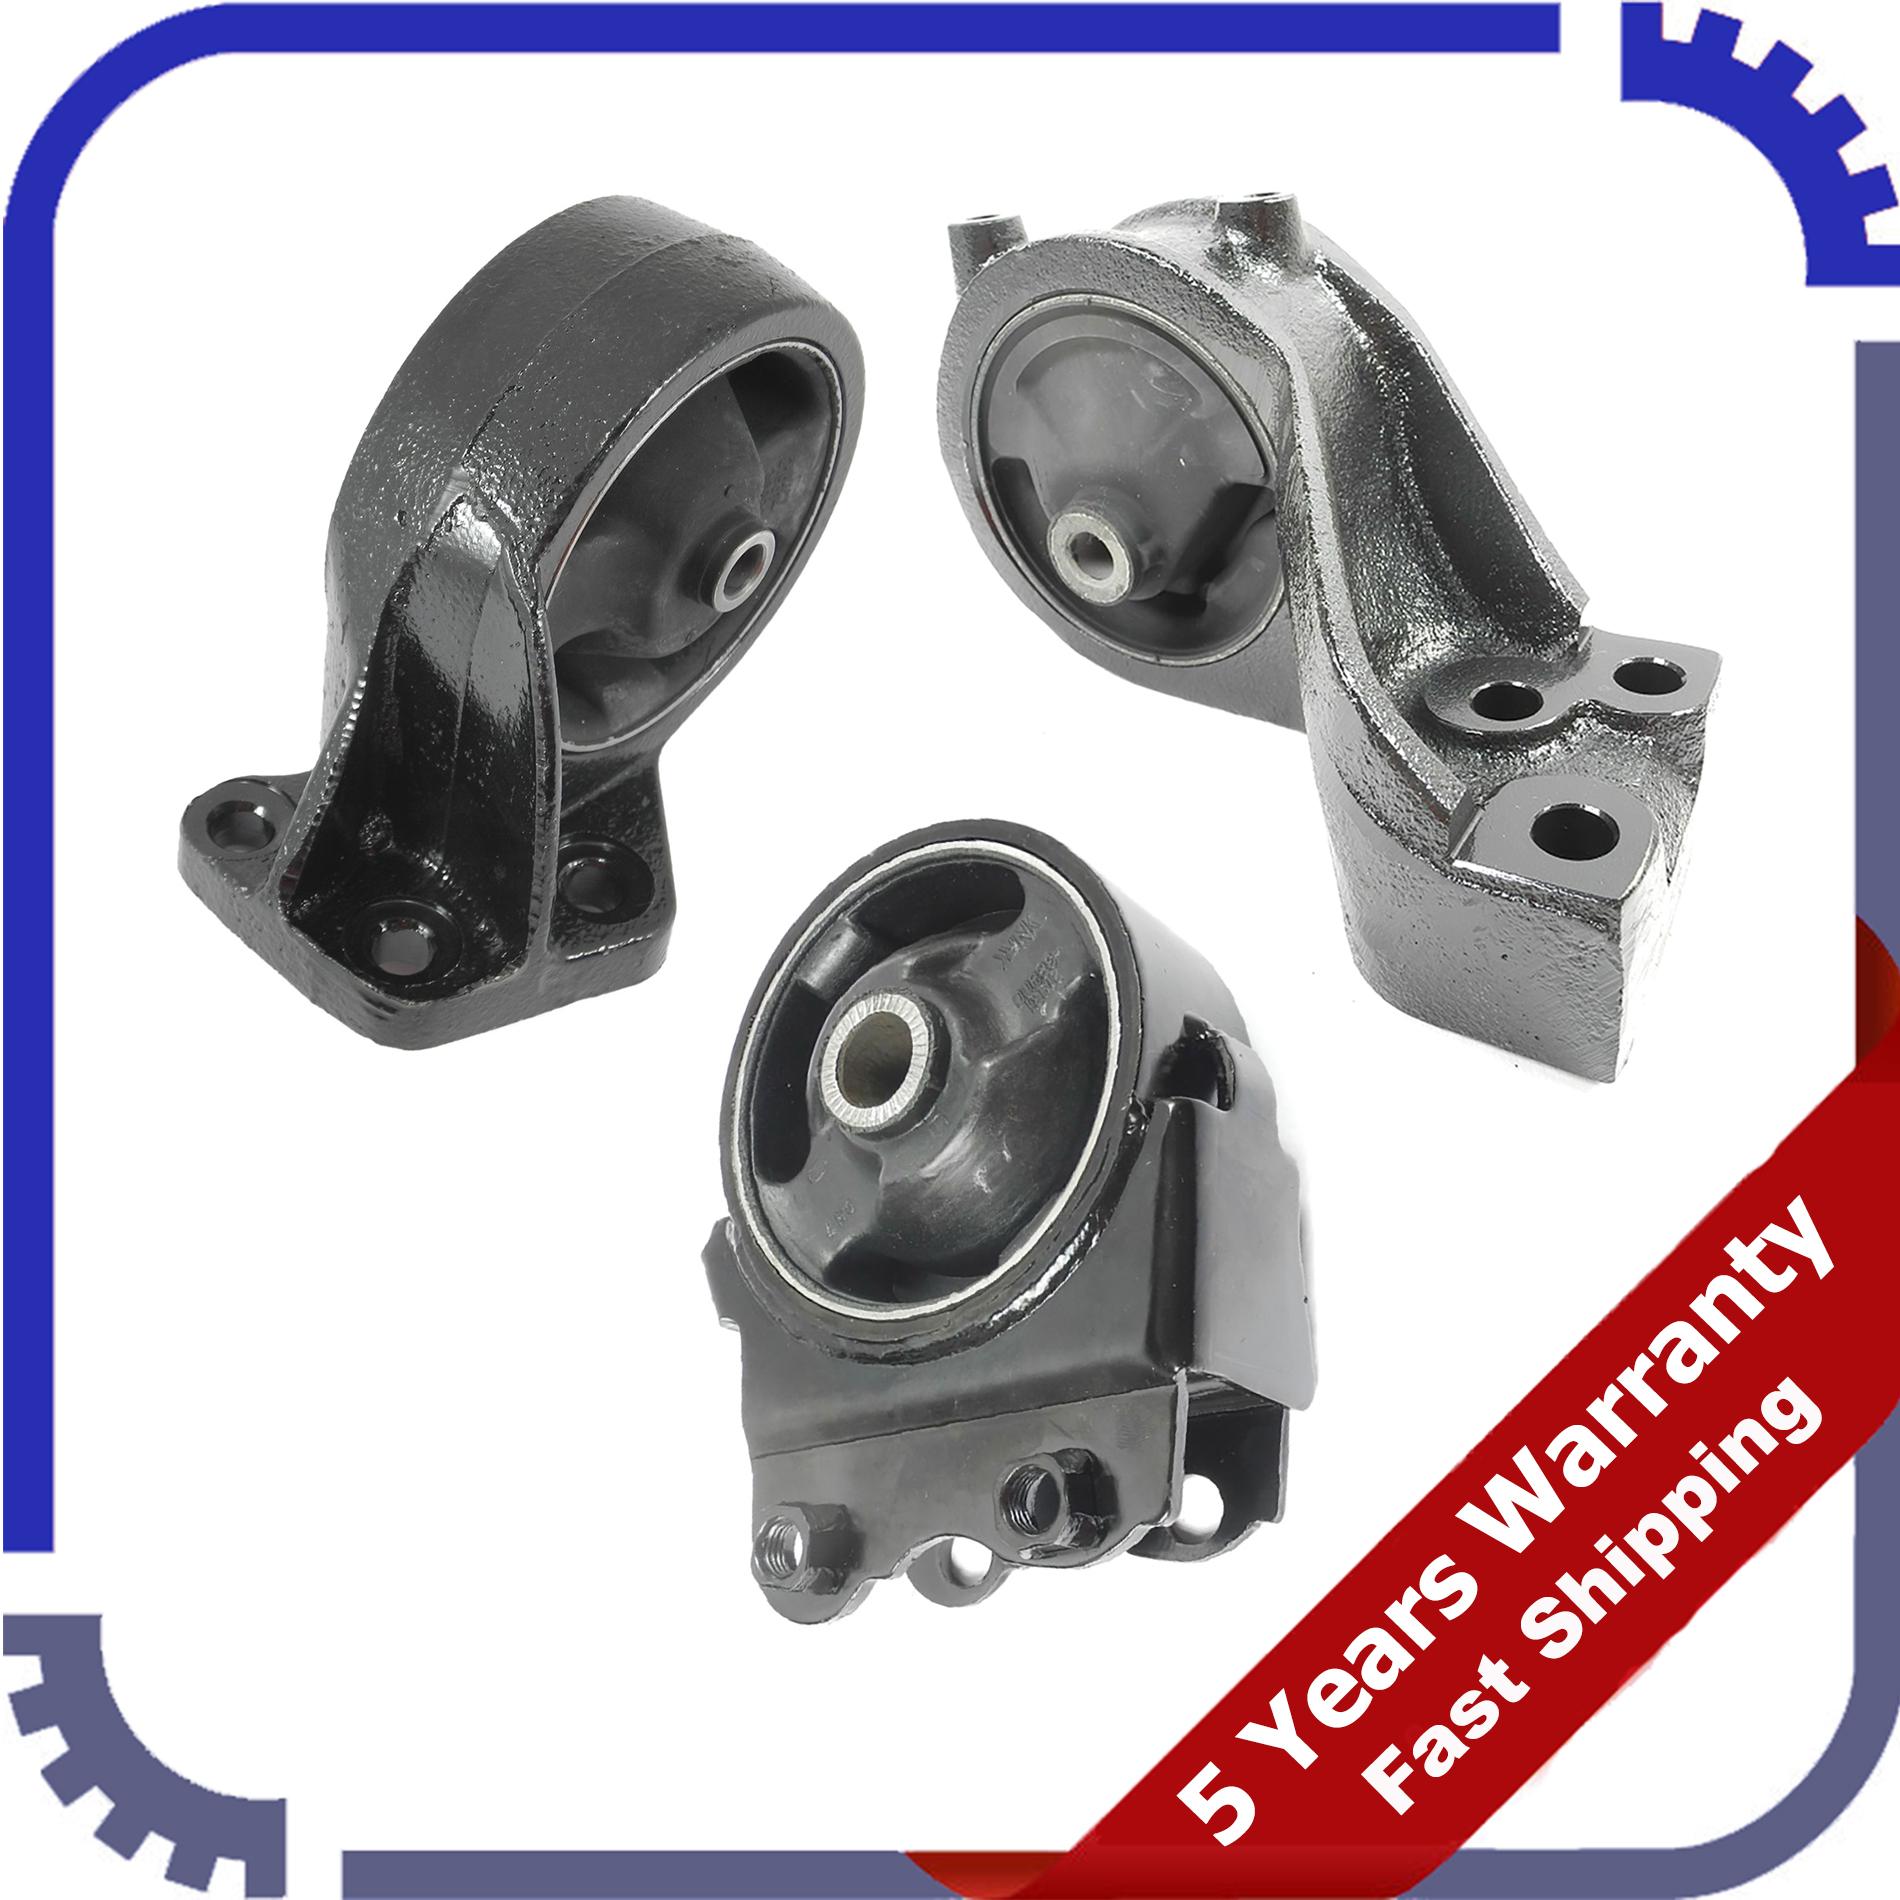 Motor Mount /& Auto Trans Mount 3PCS Kit for 02-05 Hyundai Sonata 2.4L//2.7L